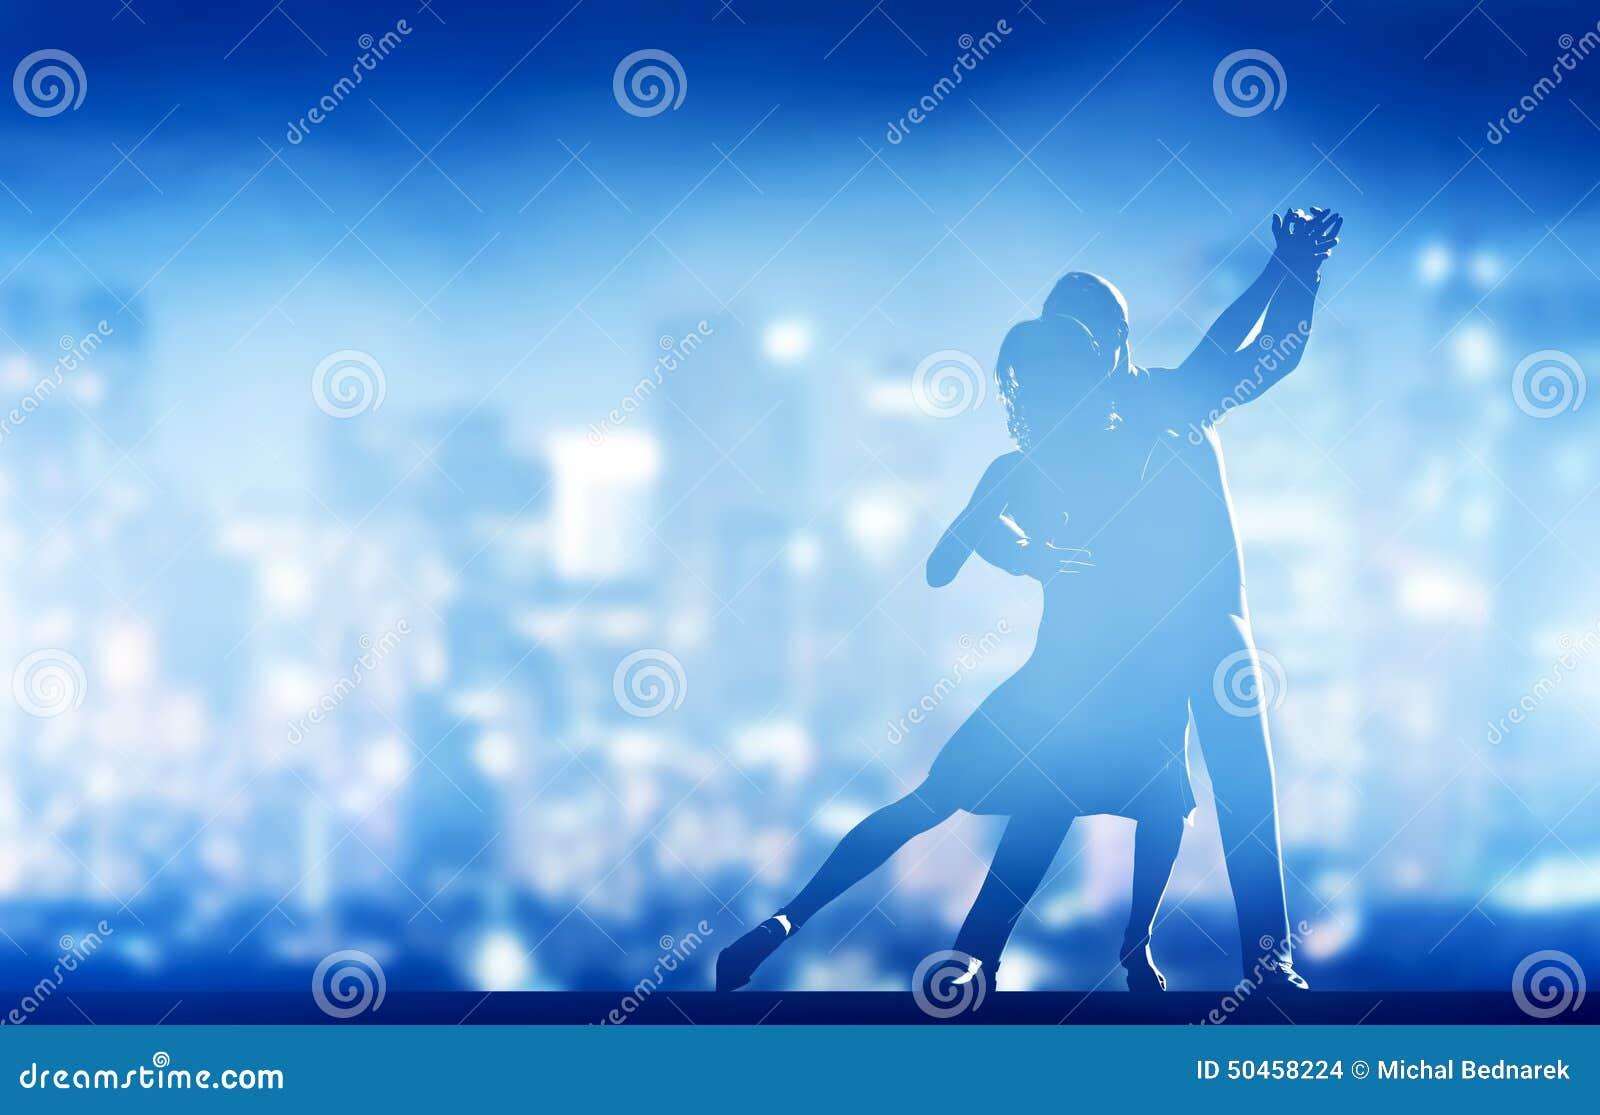 Romantisk pardans Den eleganta klassikern poserar den ljusa staden few tänder många omslag för utelivvägtaxis